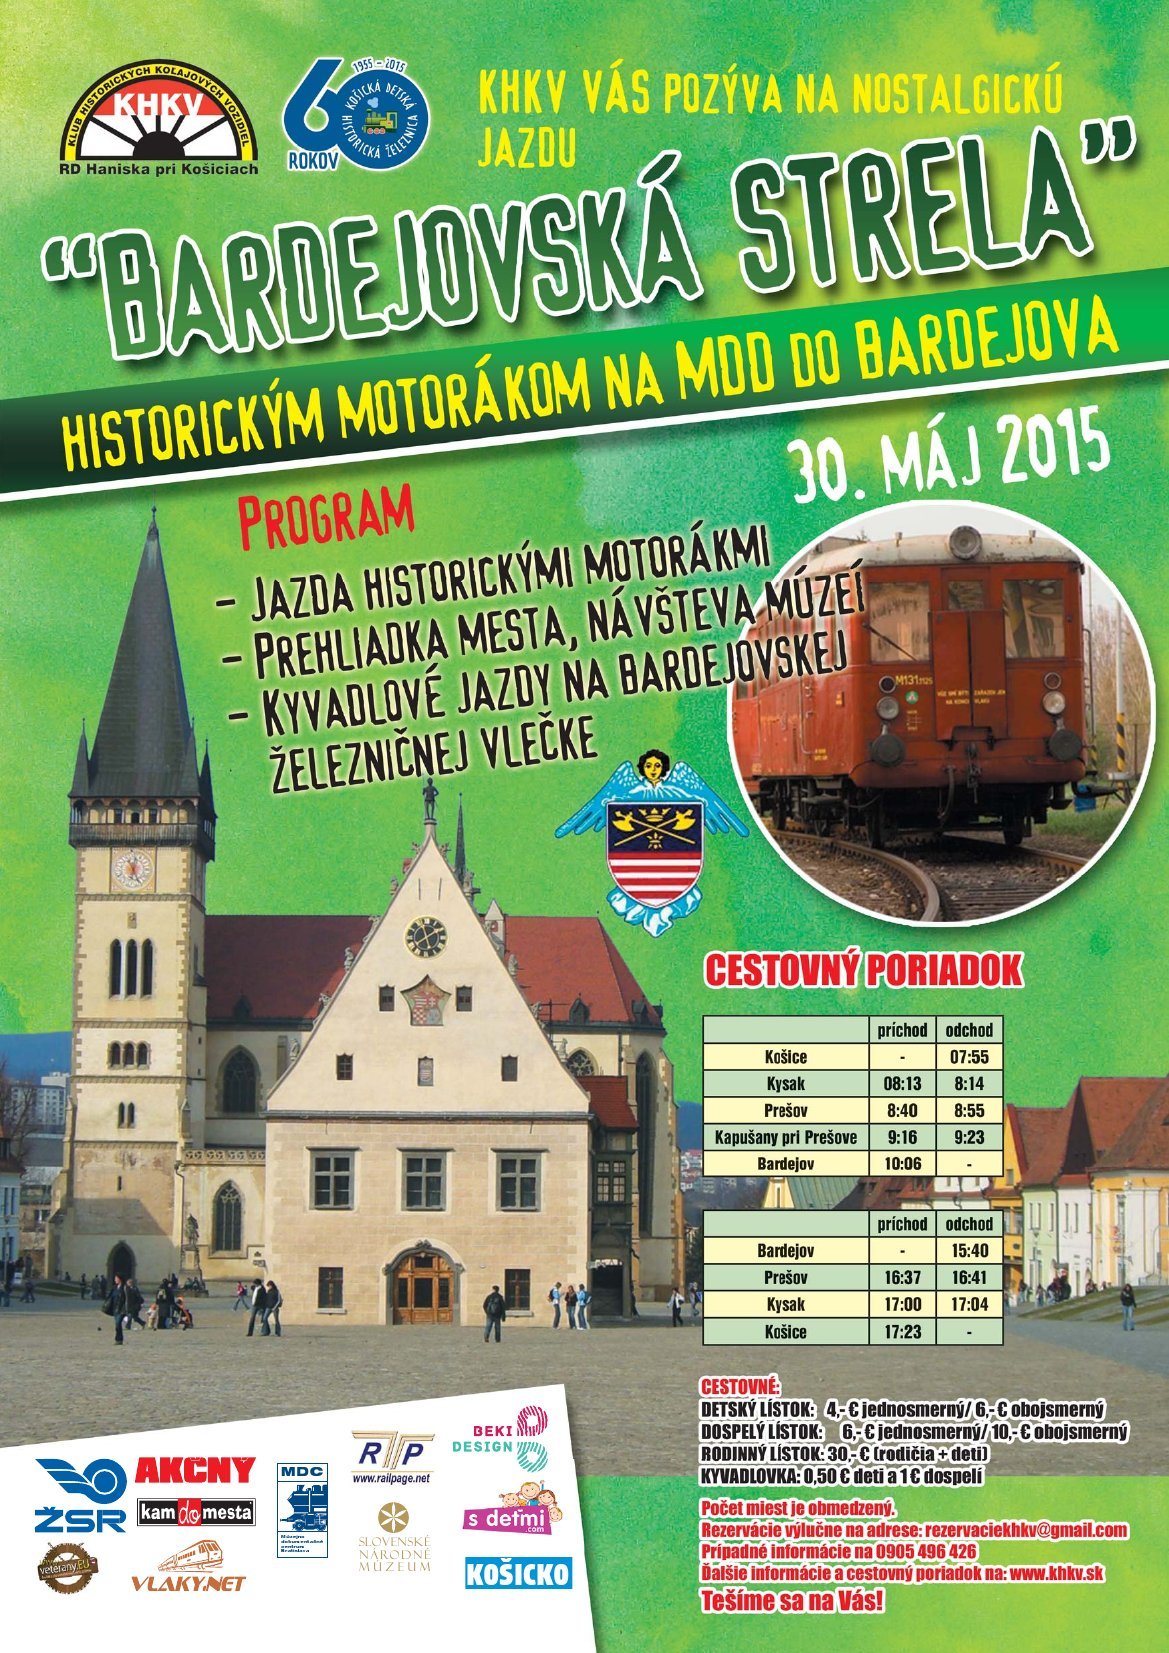 bardejov_2015